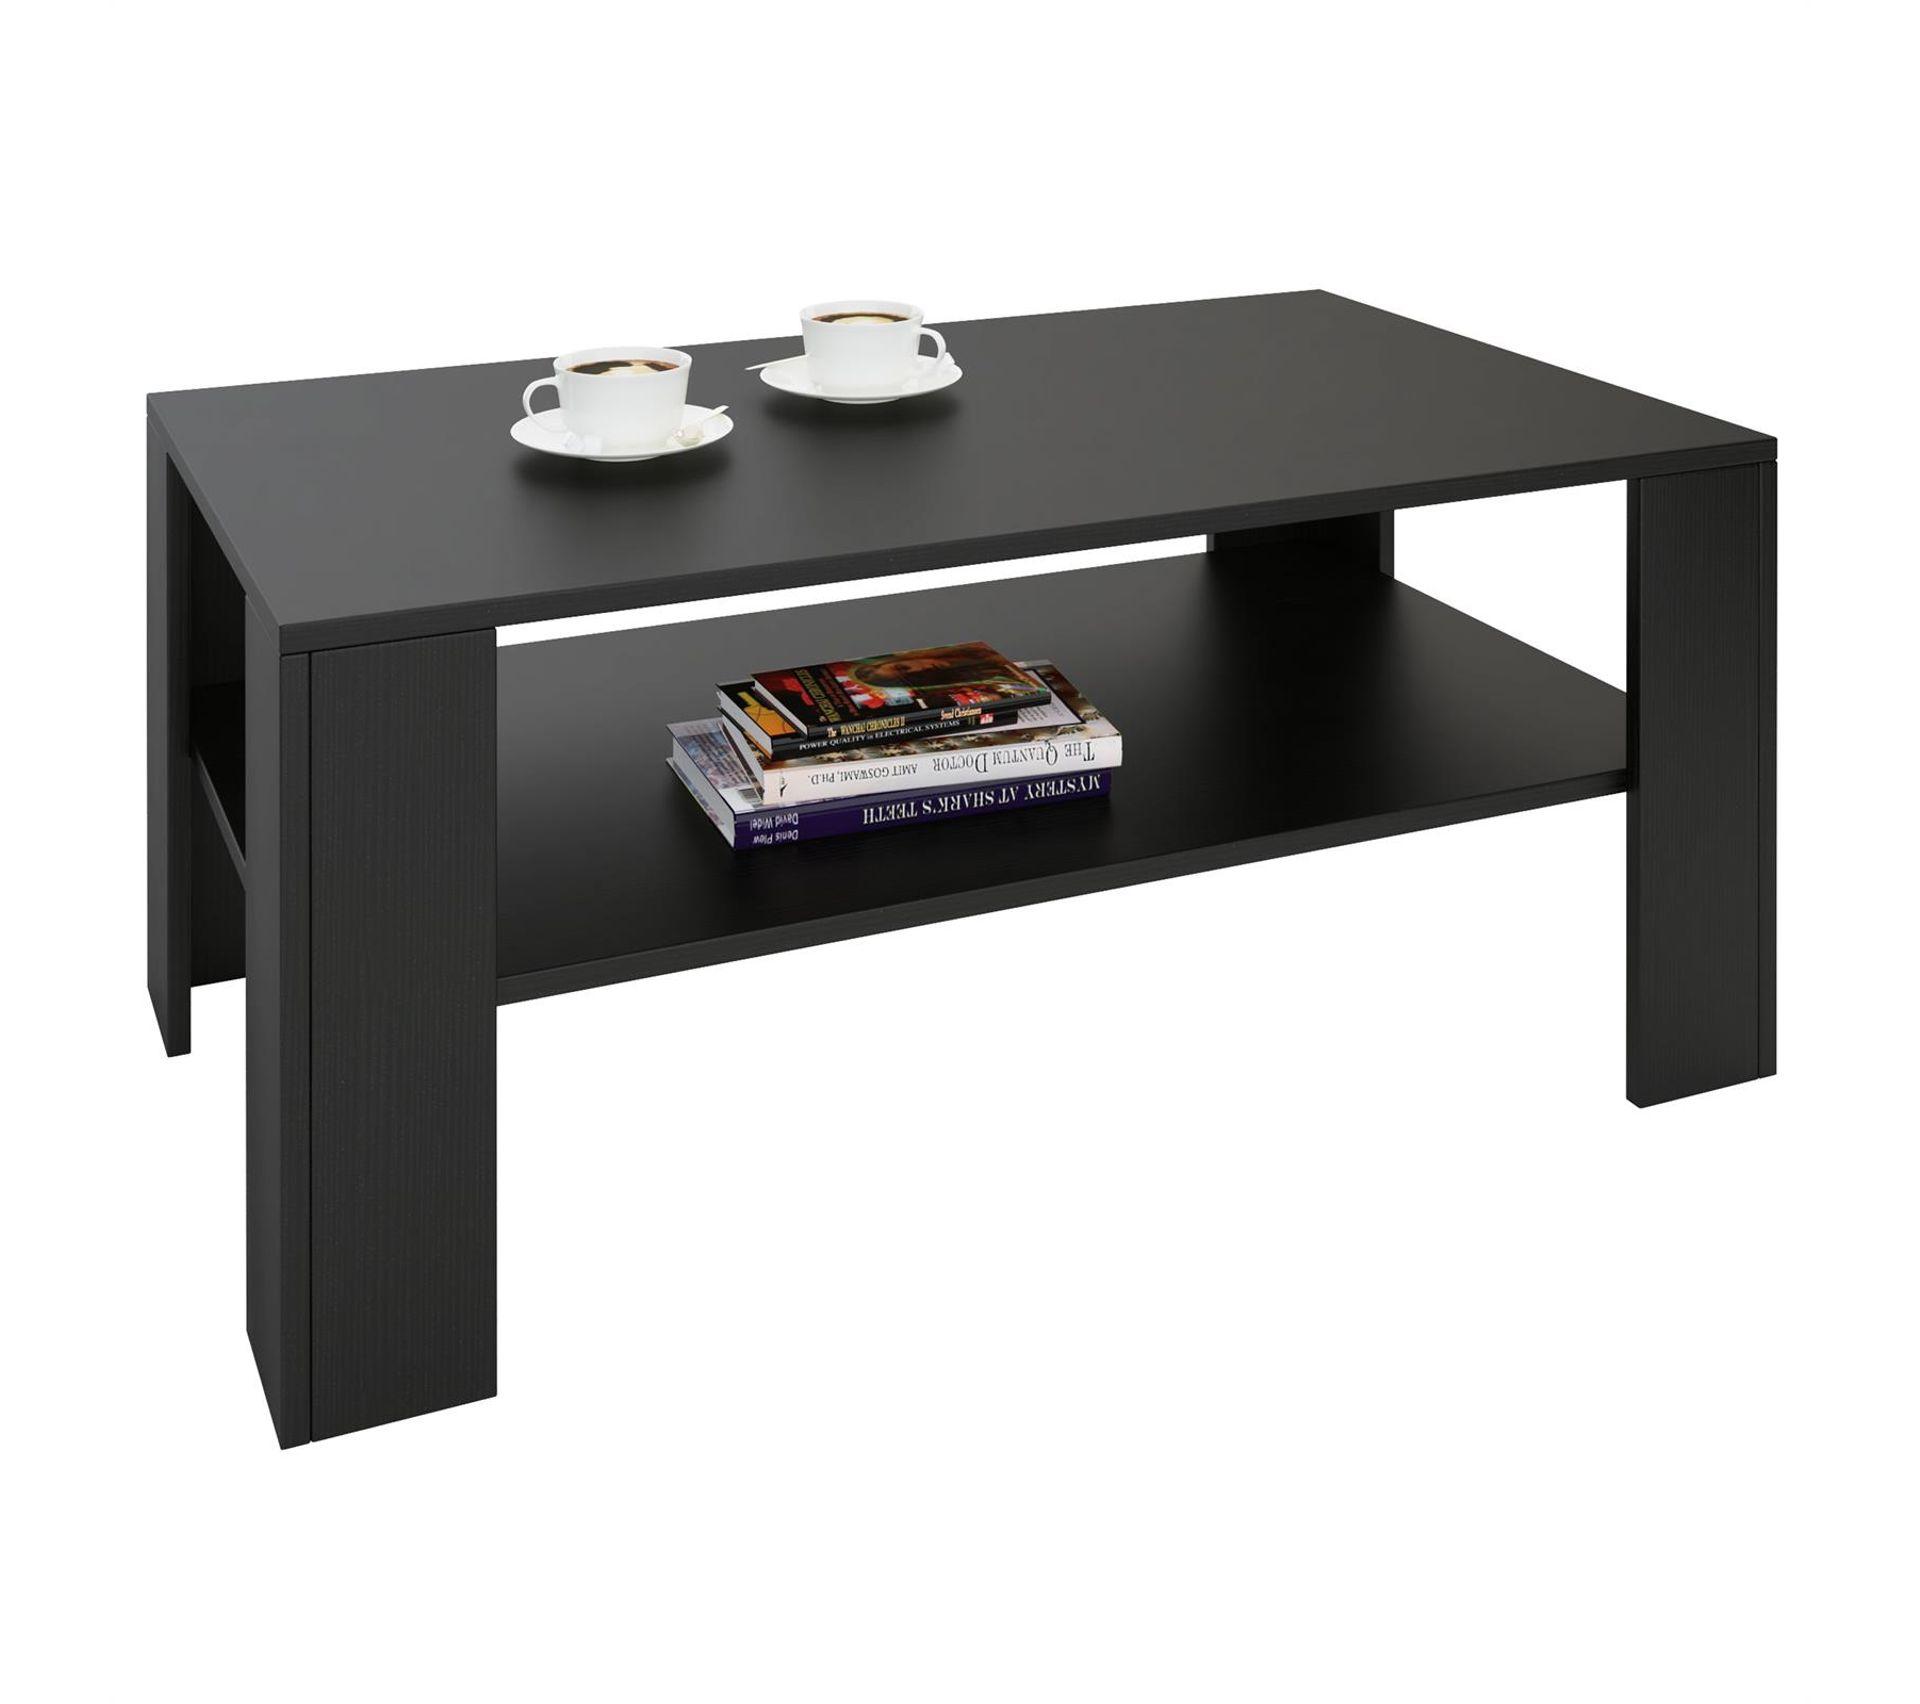 Panneau Melamine Noir Mat table basse lorient, en mélaminé noir mat